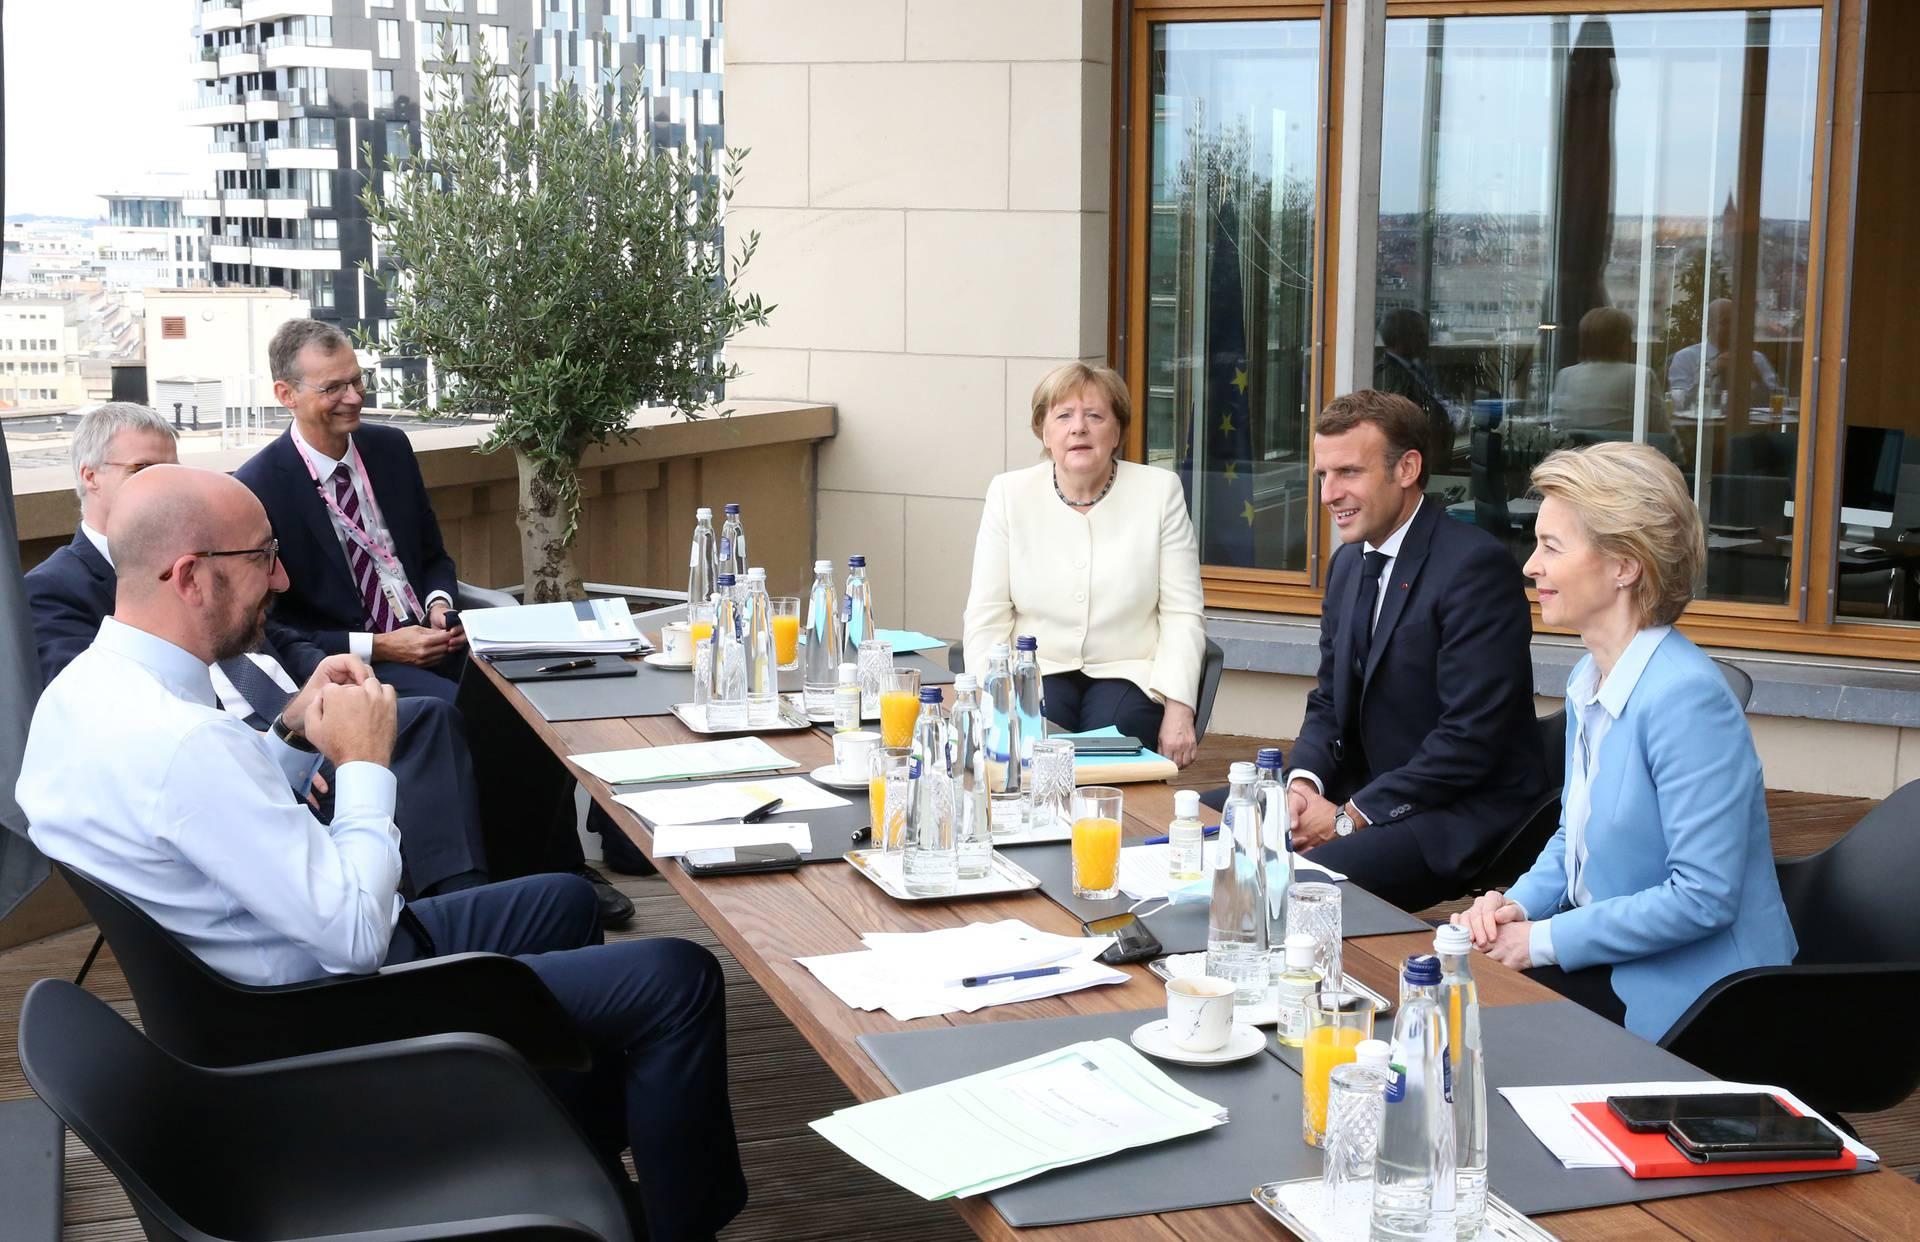 Četiri dana čame čekajući: Još bez dogovora o EU milijardama